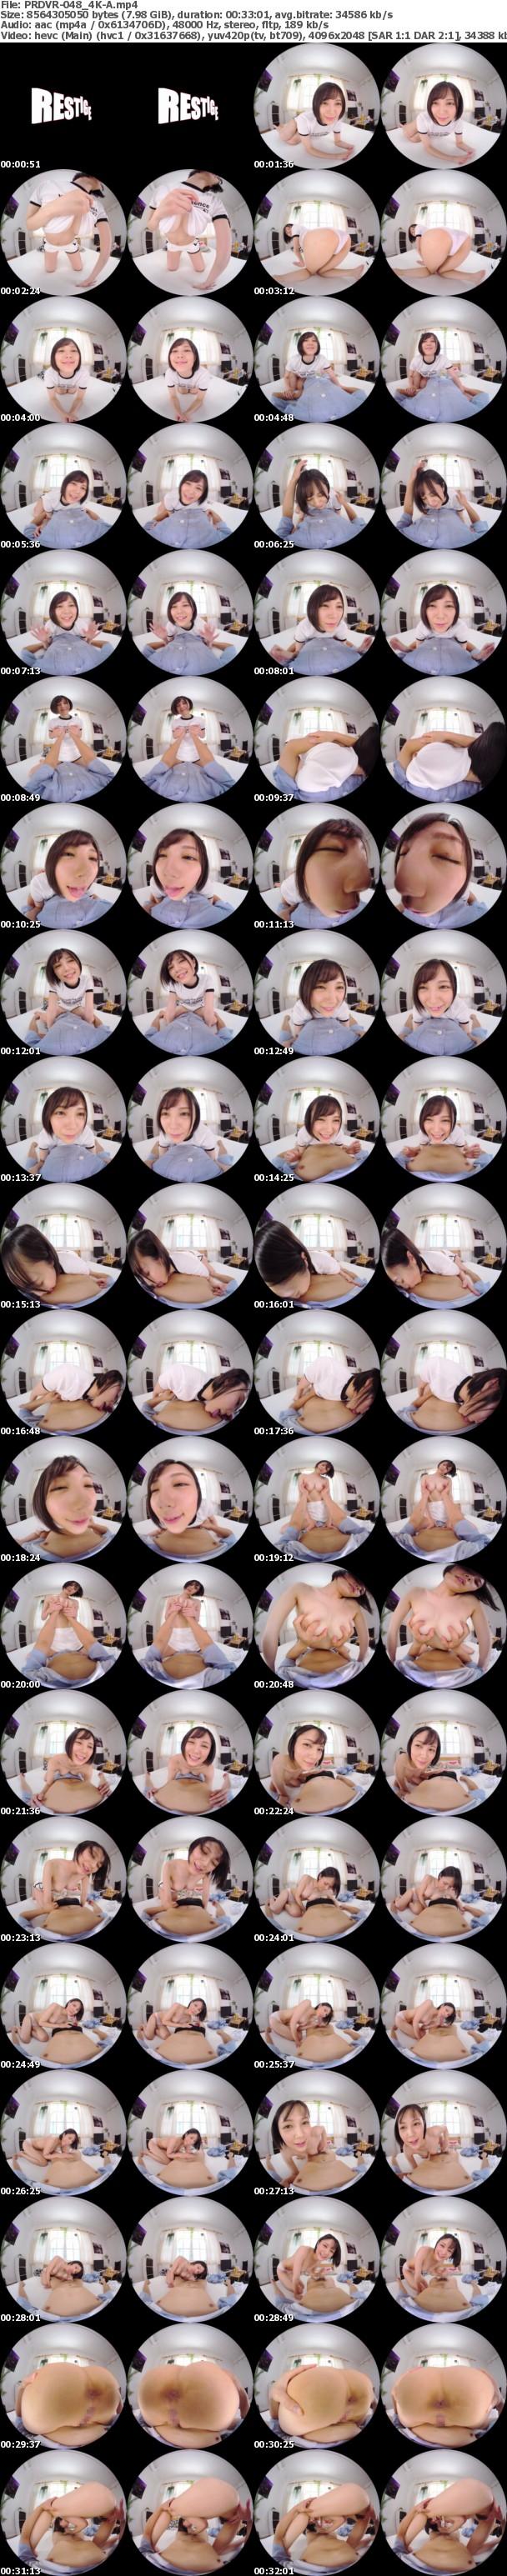 (VR) (4K) PRDVR-048 【VR中出し解禁】「今日はいっぱい癒してあげるネ♪」 最旬Fカップ・涼森れむの恋人いちゃラブSEX!